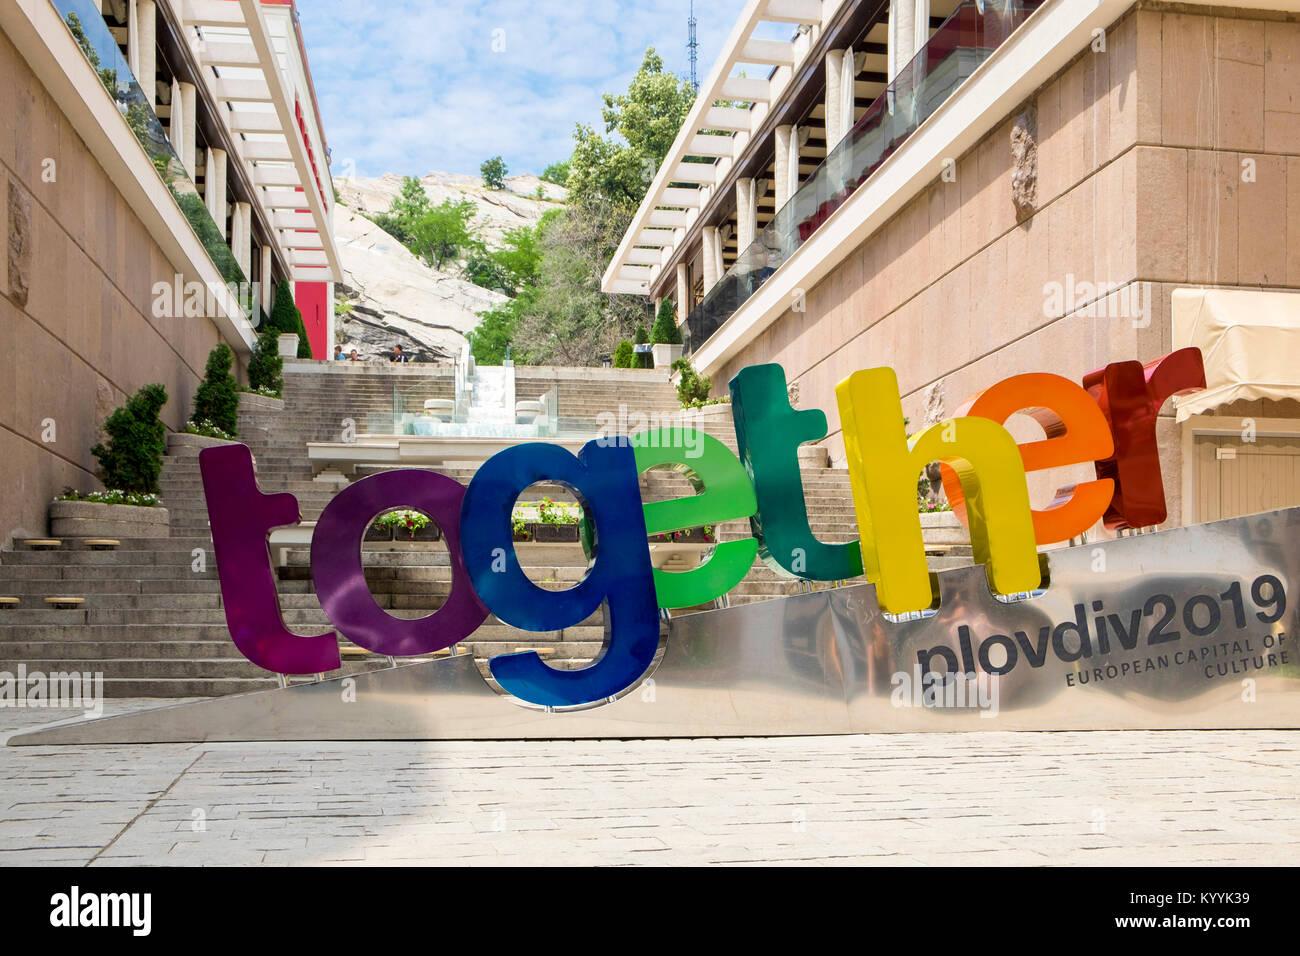 Capital europea de la cultura signo, 2019 en la ciudad de Plovdiv, Plovdiv, Bulgaria, Europa Imagen De Stock